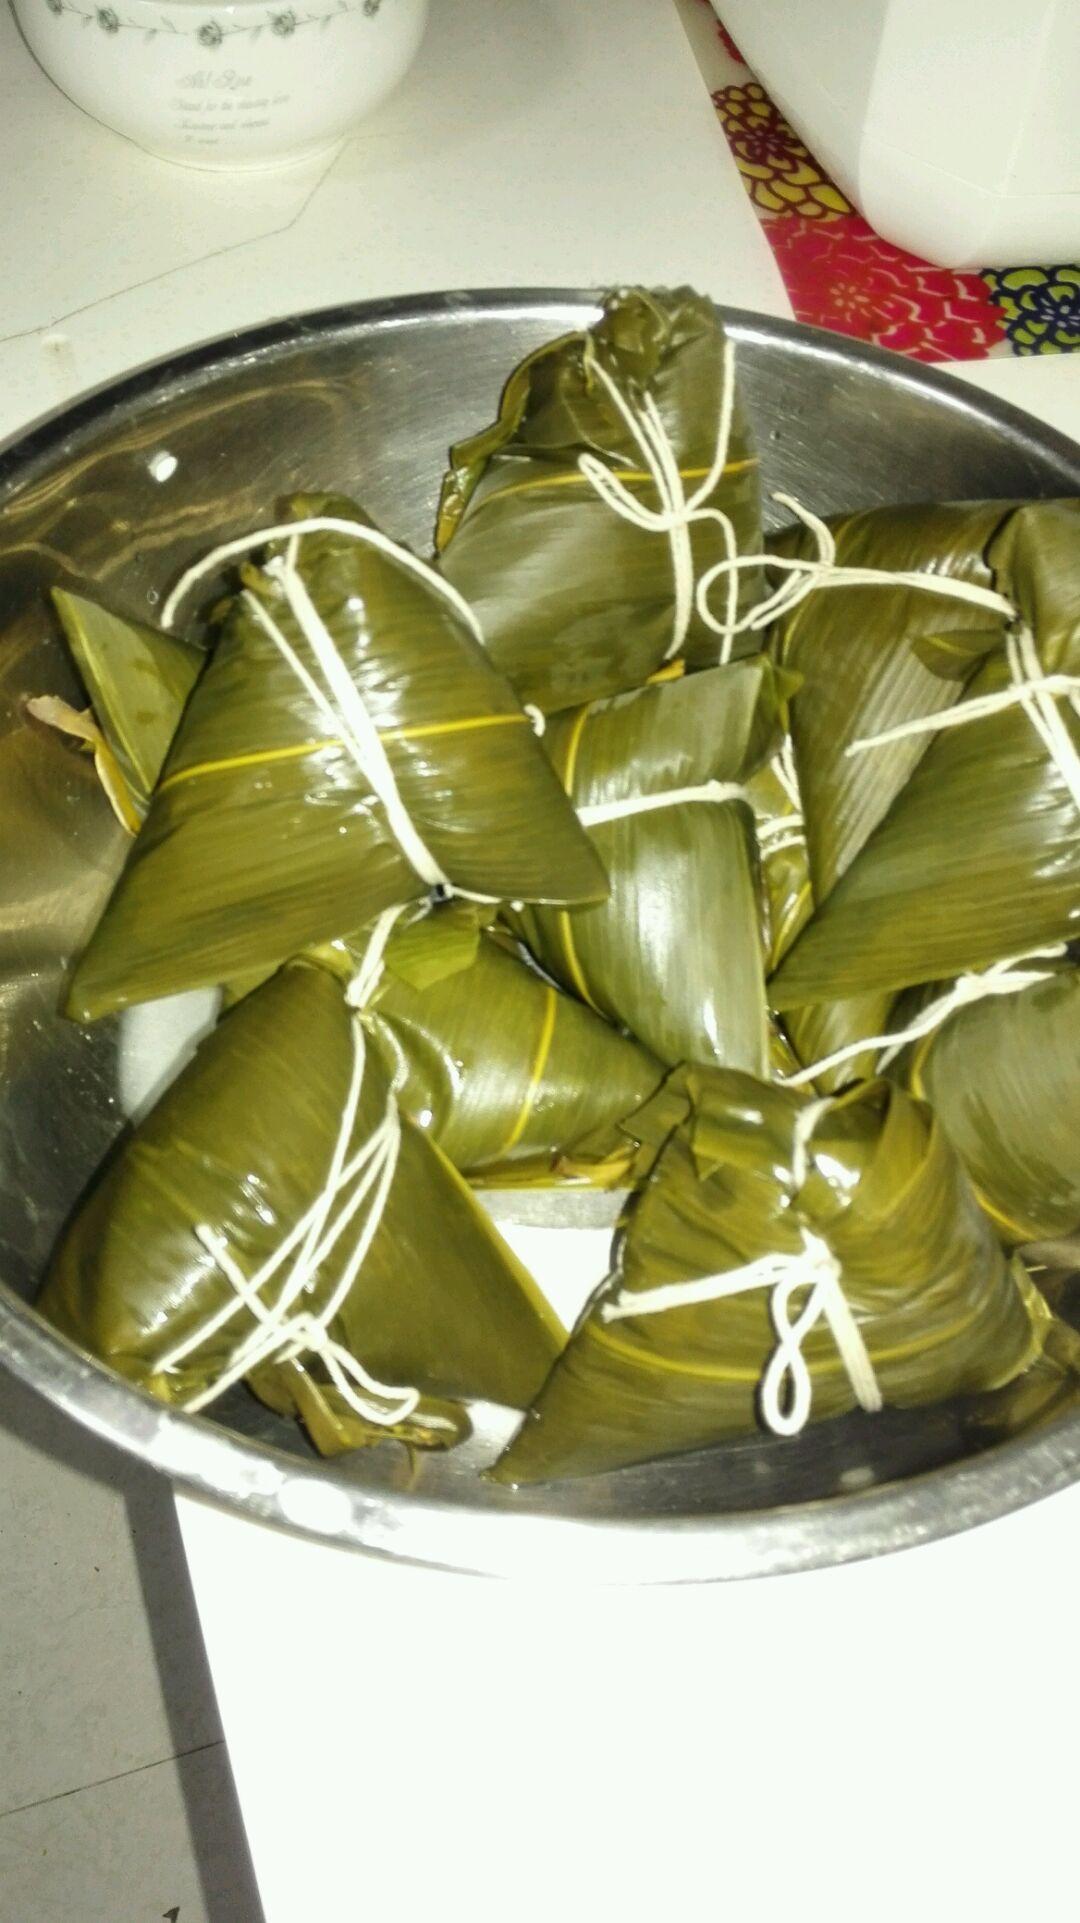 端午粽子的做法步骤 注意,一定要捆紧,千万不要漏米,否则煮熟后的粽子